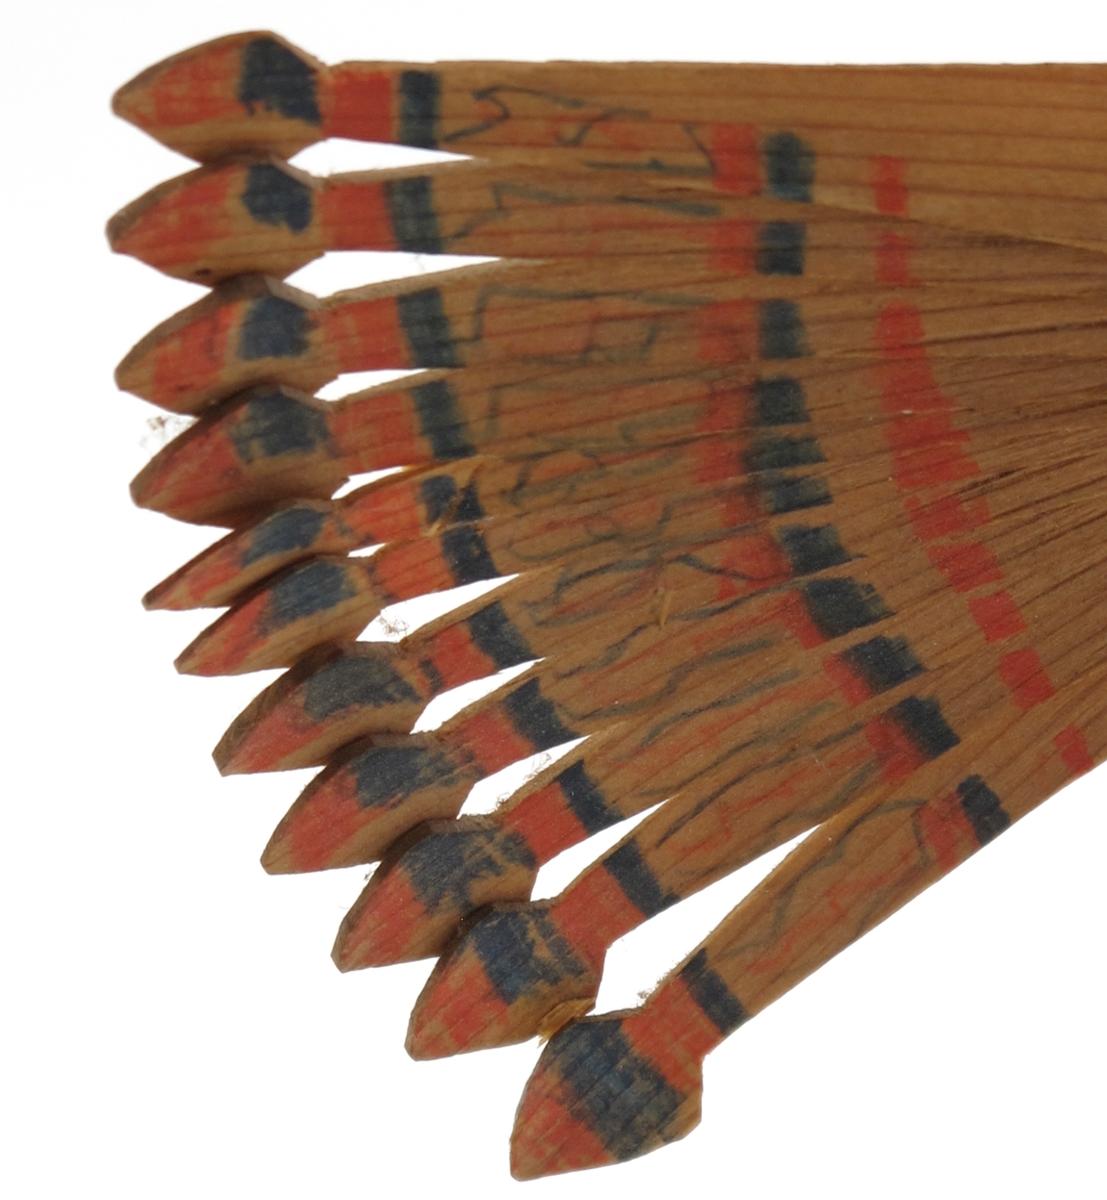 Sponfugl, laget av to stykker tre som er splittet opp til vinger og haleparti, og tilskåret som fuglens hode. Malt med vannfarger.